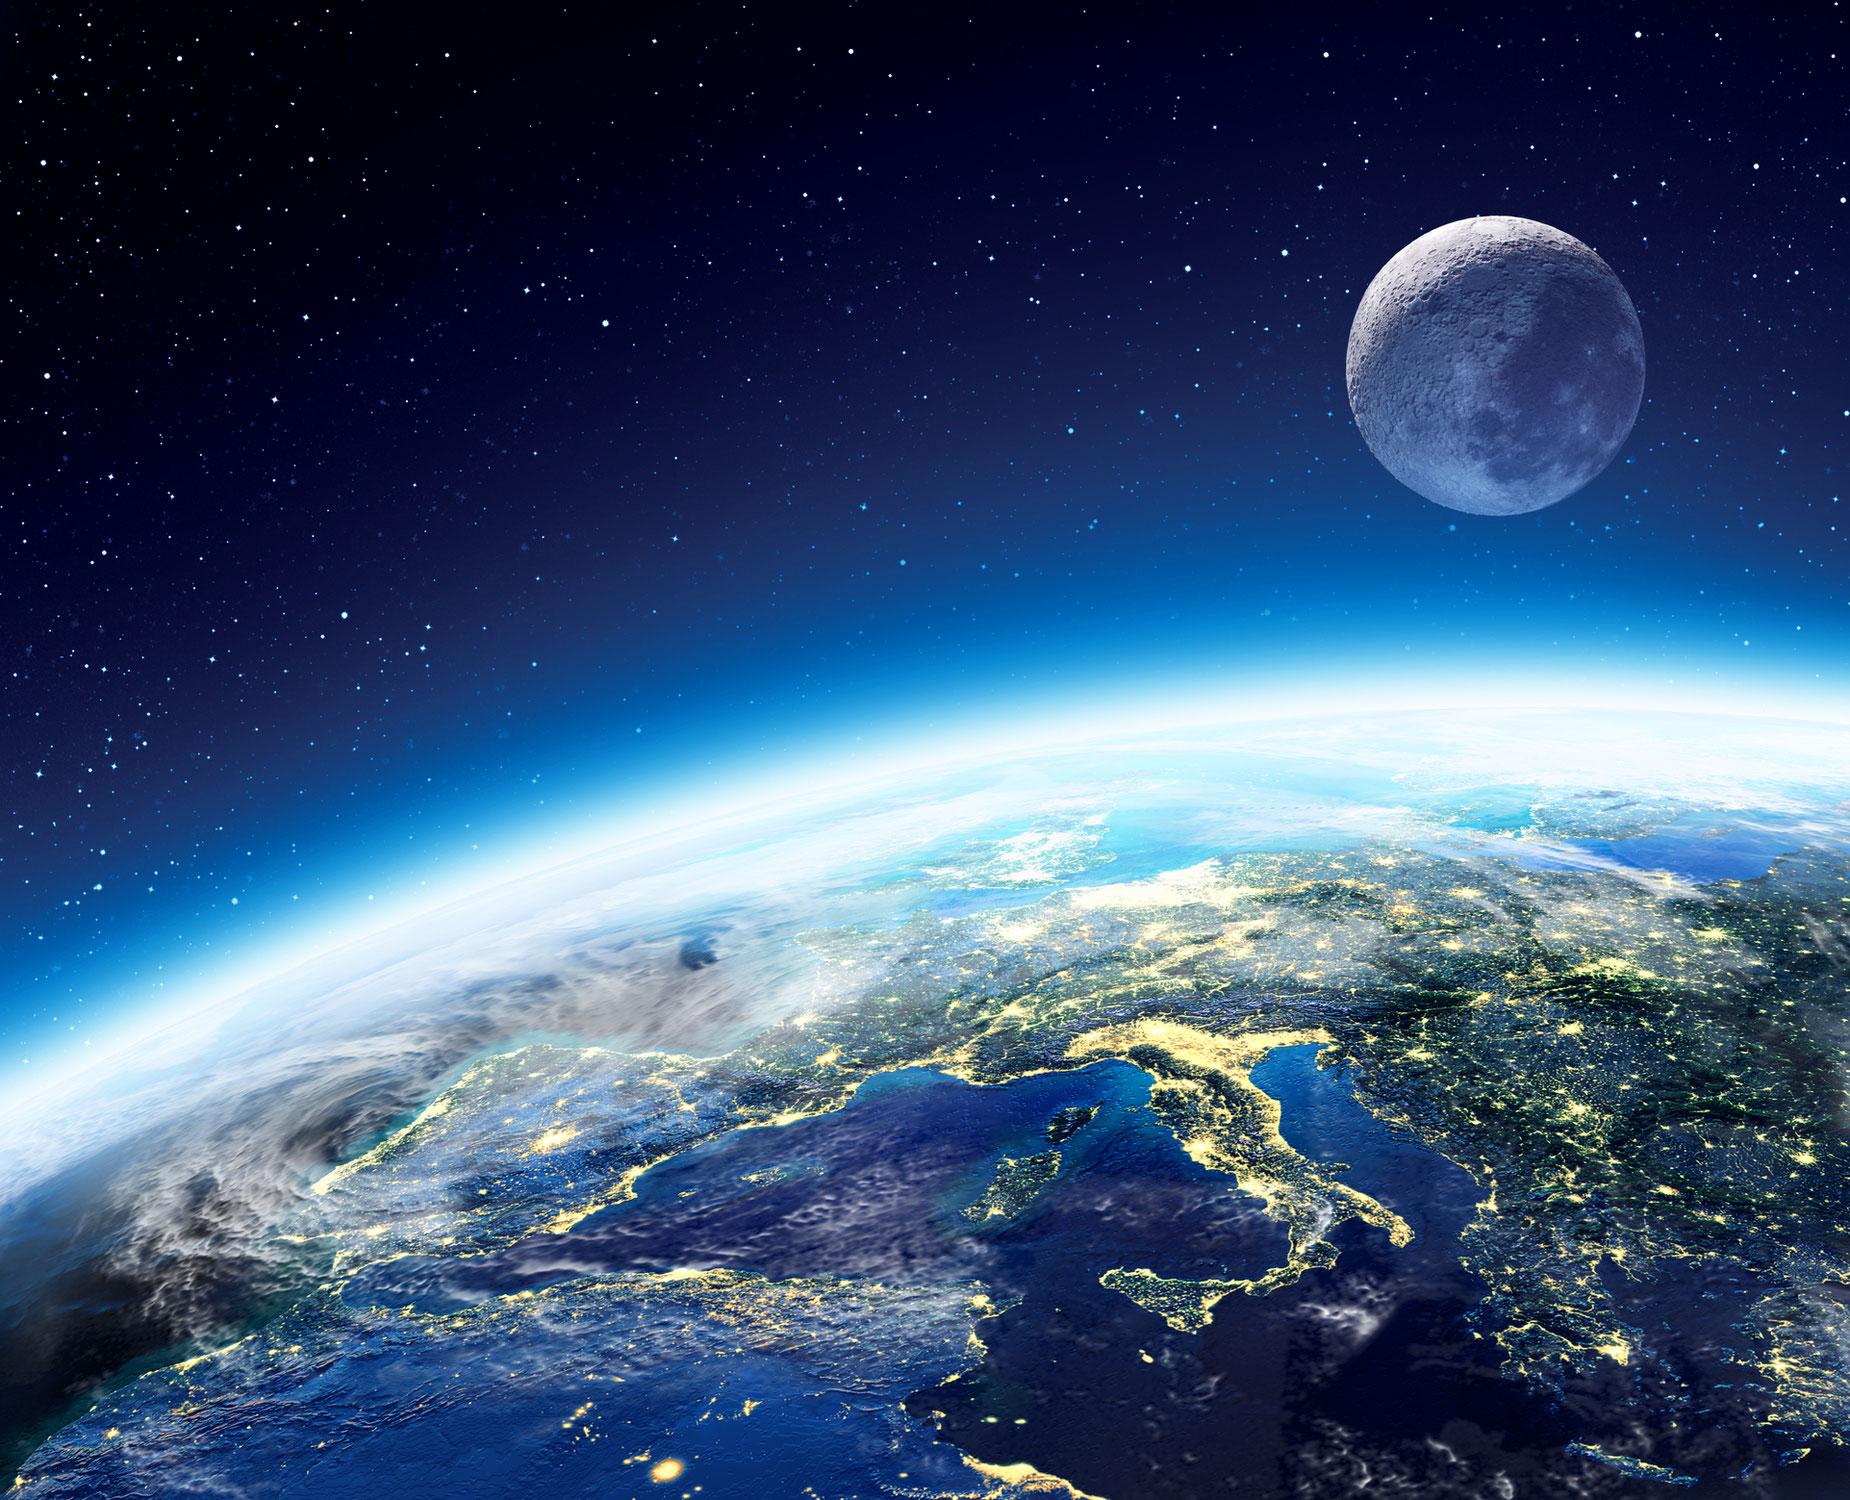 Er is verandering in de wereld: het komt niet, het is gearriveerd ♥ Marilyn Raffaele ♥ Lichtwerkers Nederland